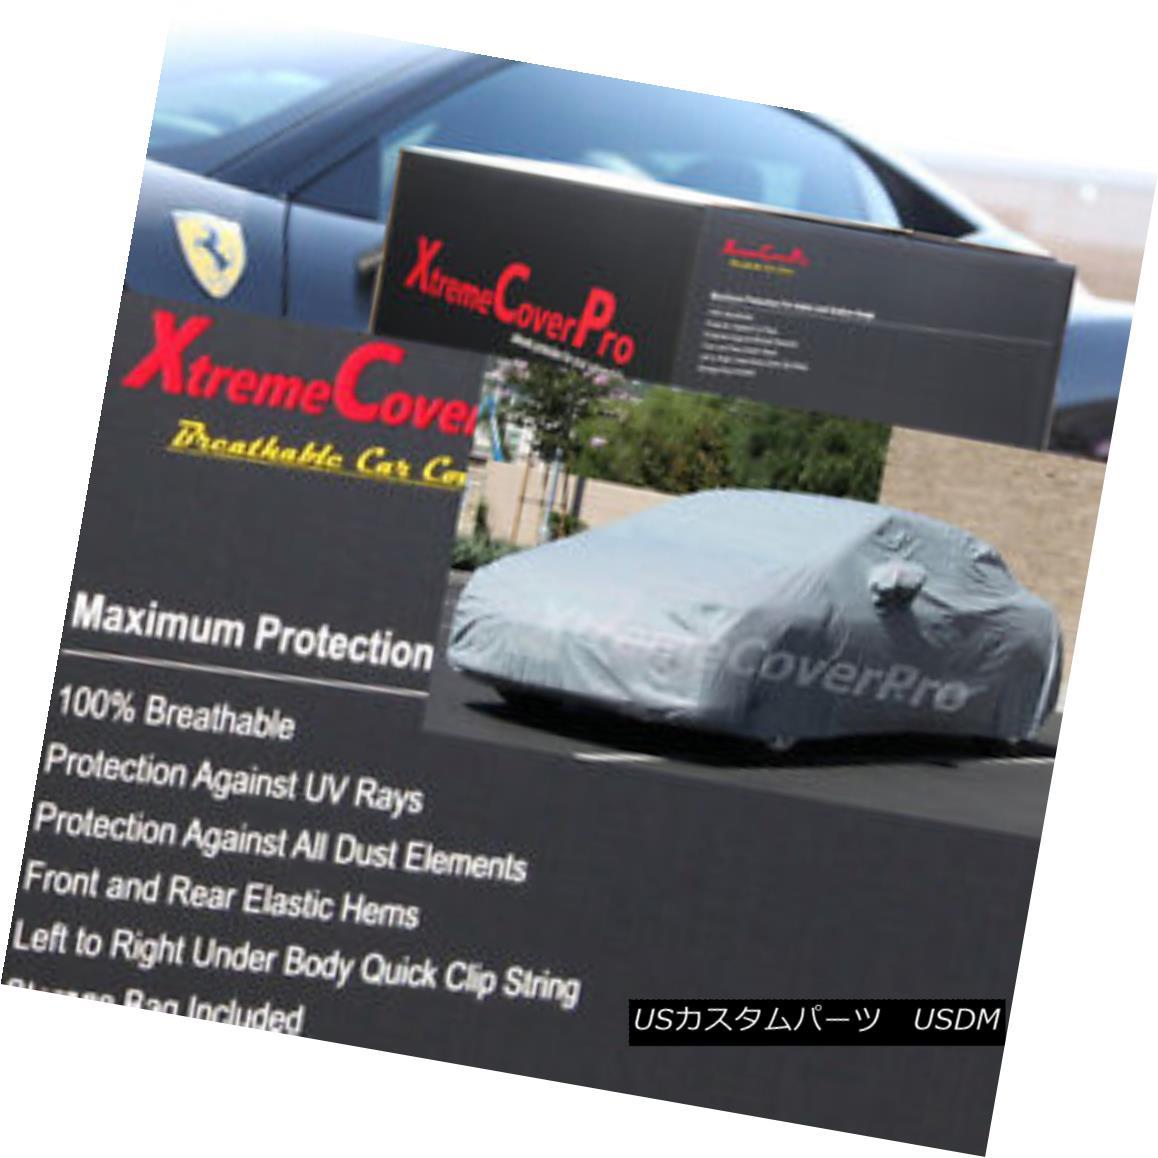 カーカバー 2014 Buick LaCrosse Breathable Car Cover w/ Mirror Pocket 2014ビュイックラクロス通気性の車カバー(ミラーポケット付)